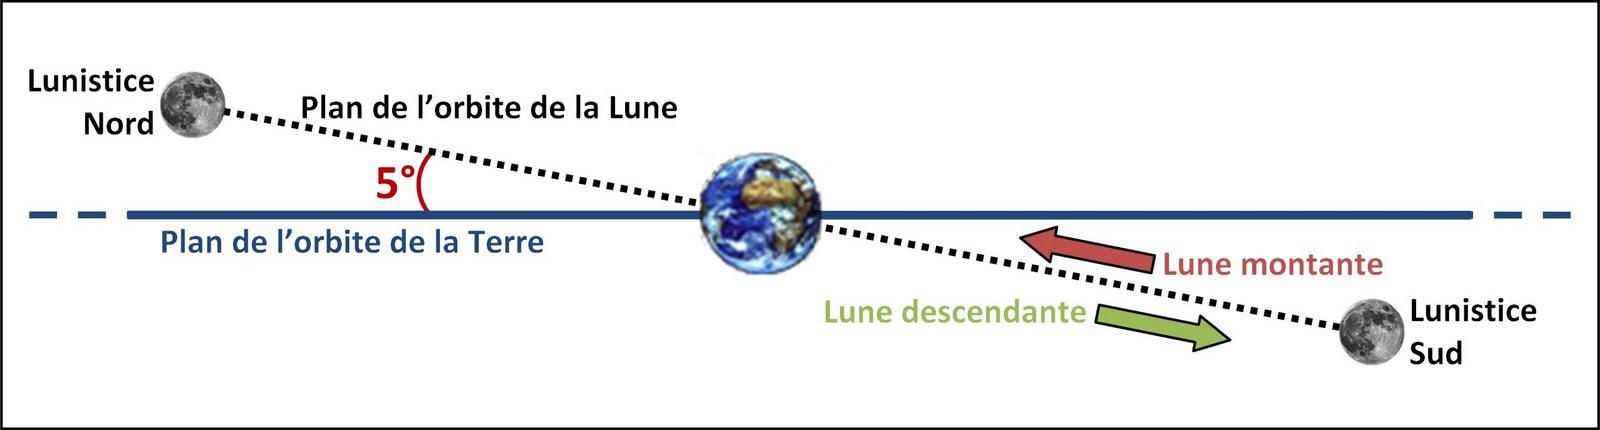 L 39 aventure l 39 installation la lune - Lune montante et descendante ...